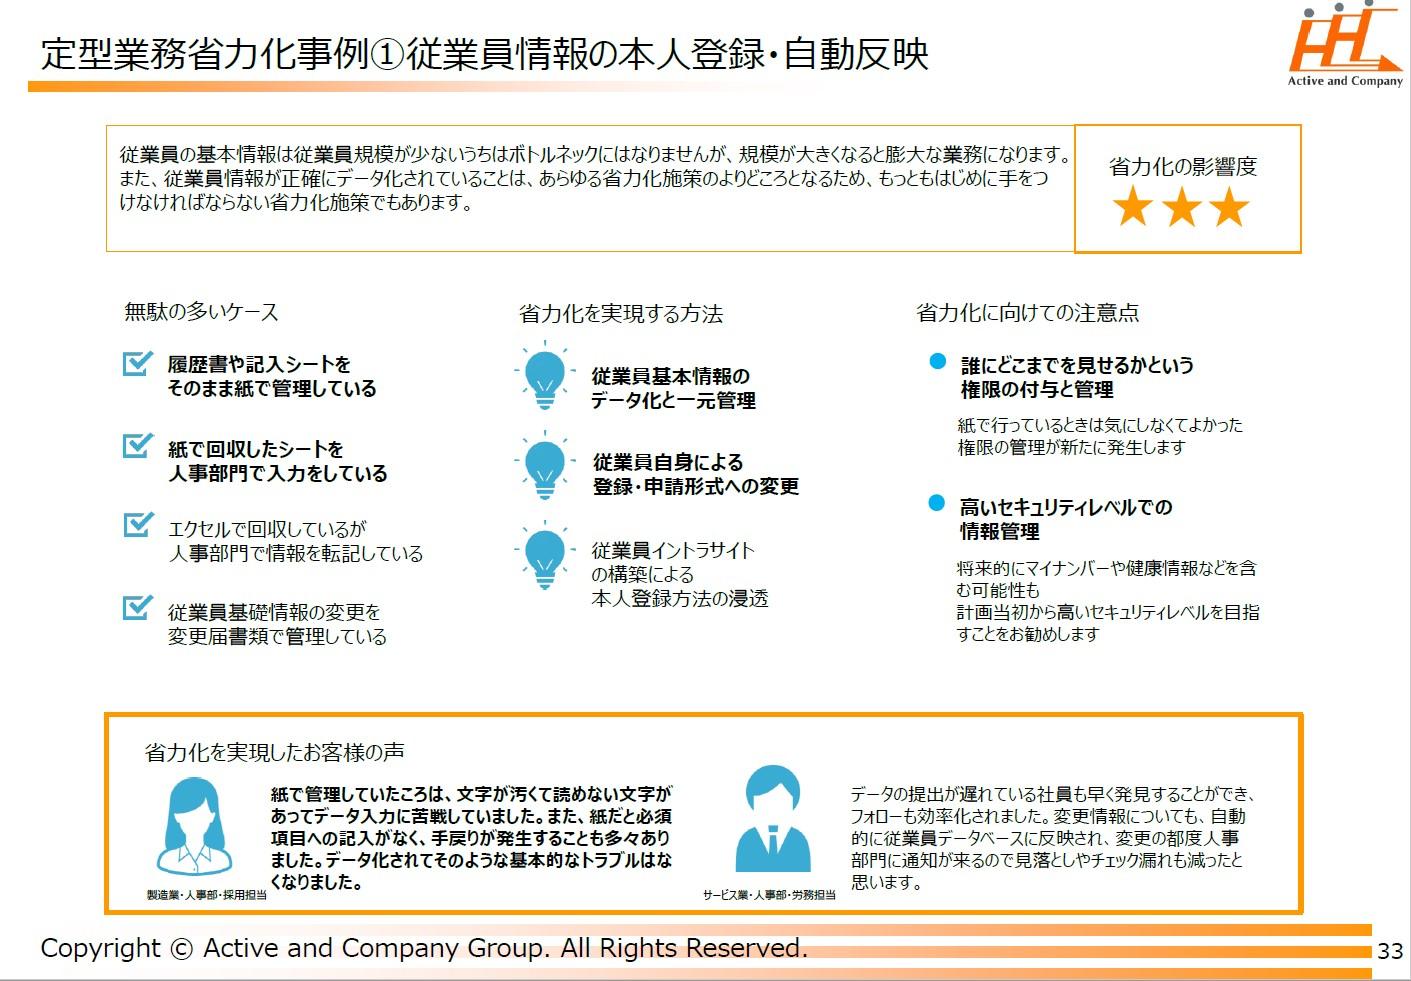 従業員情報の本人登録・自動反映 事例